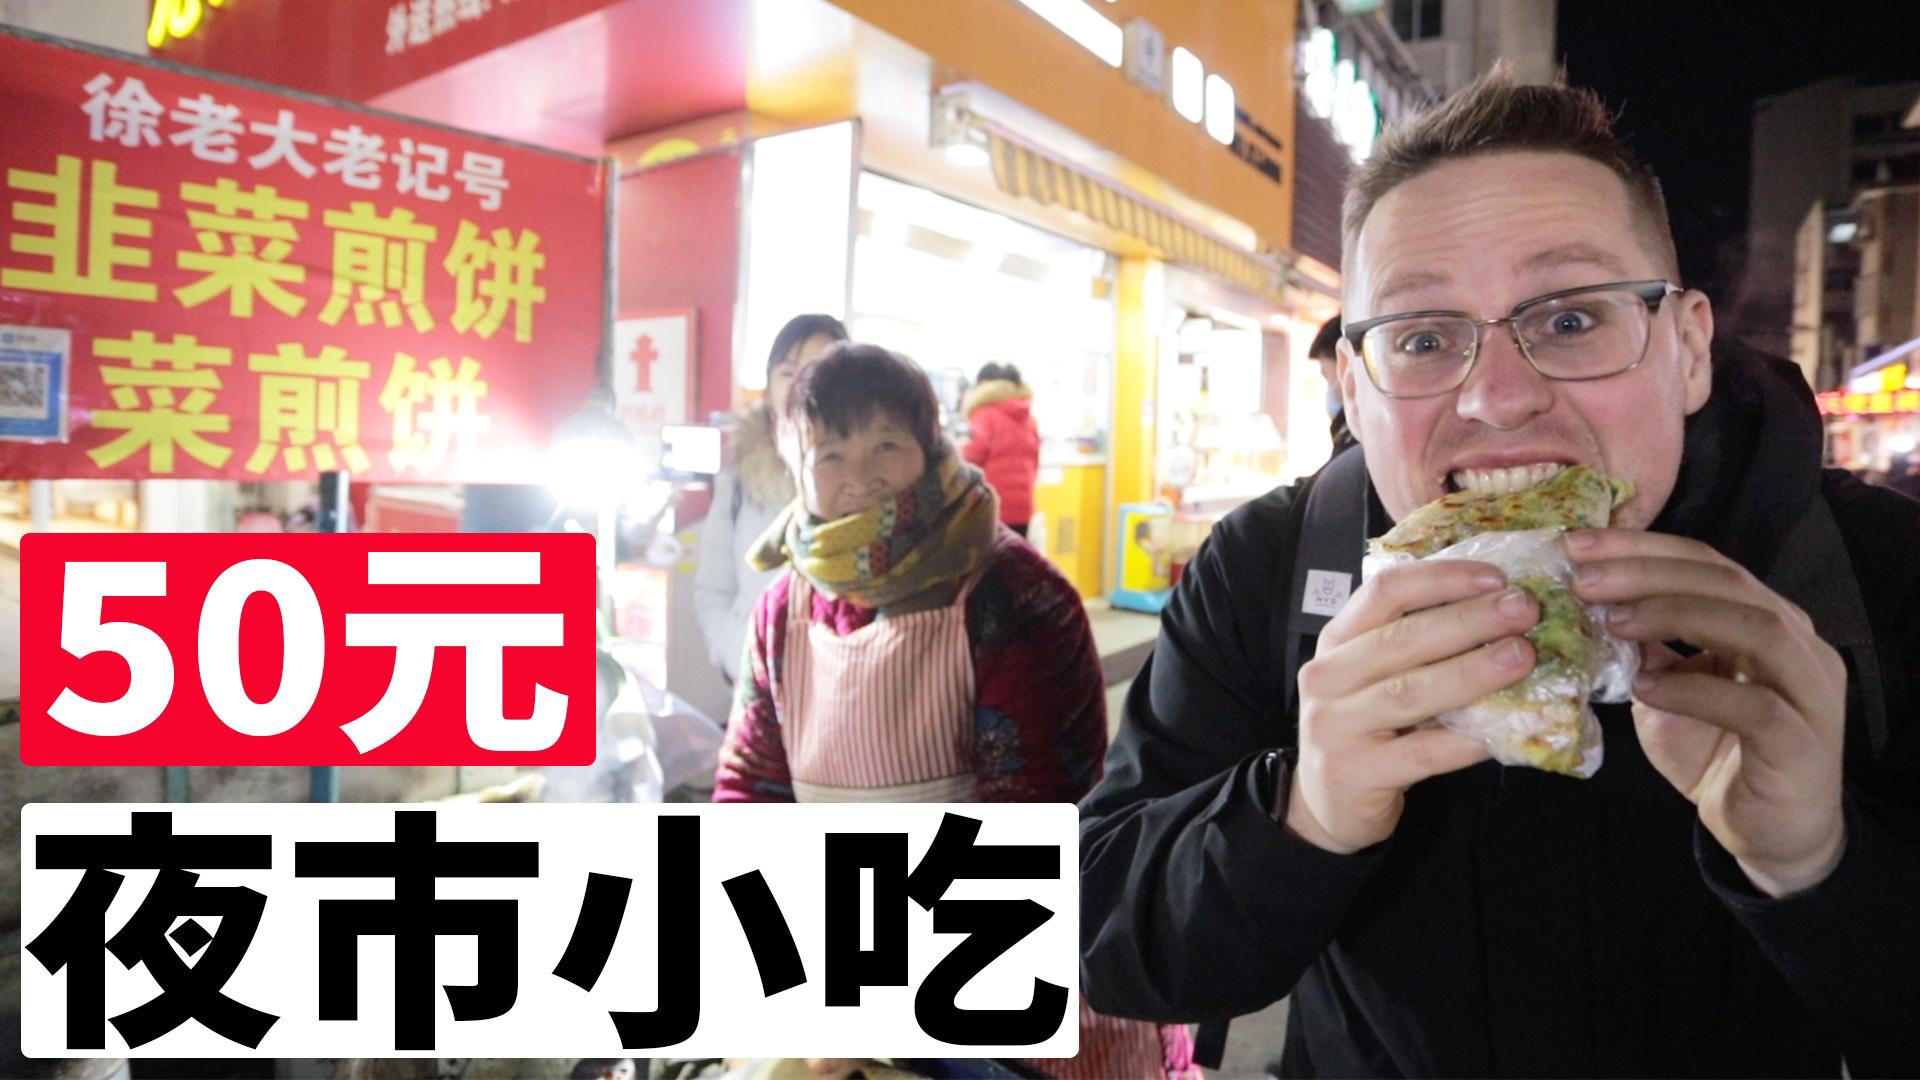 江苏县城的房价居然这么高!?花50元能吃多少小吃?